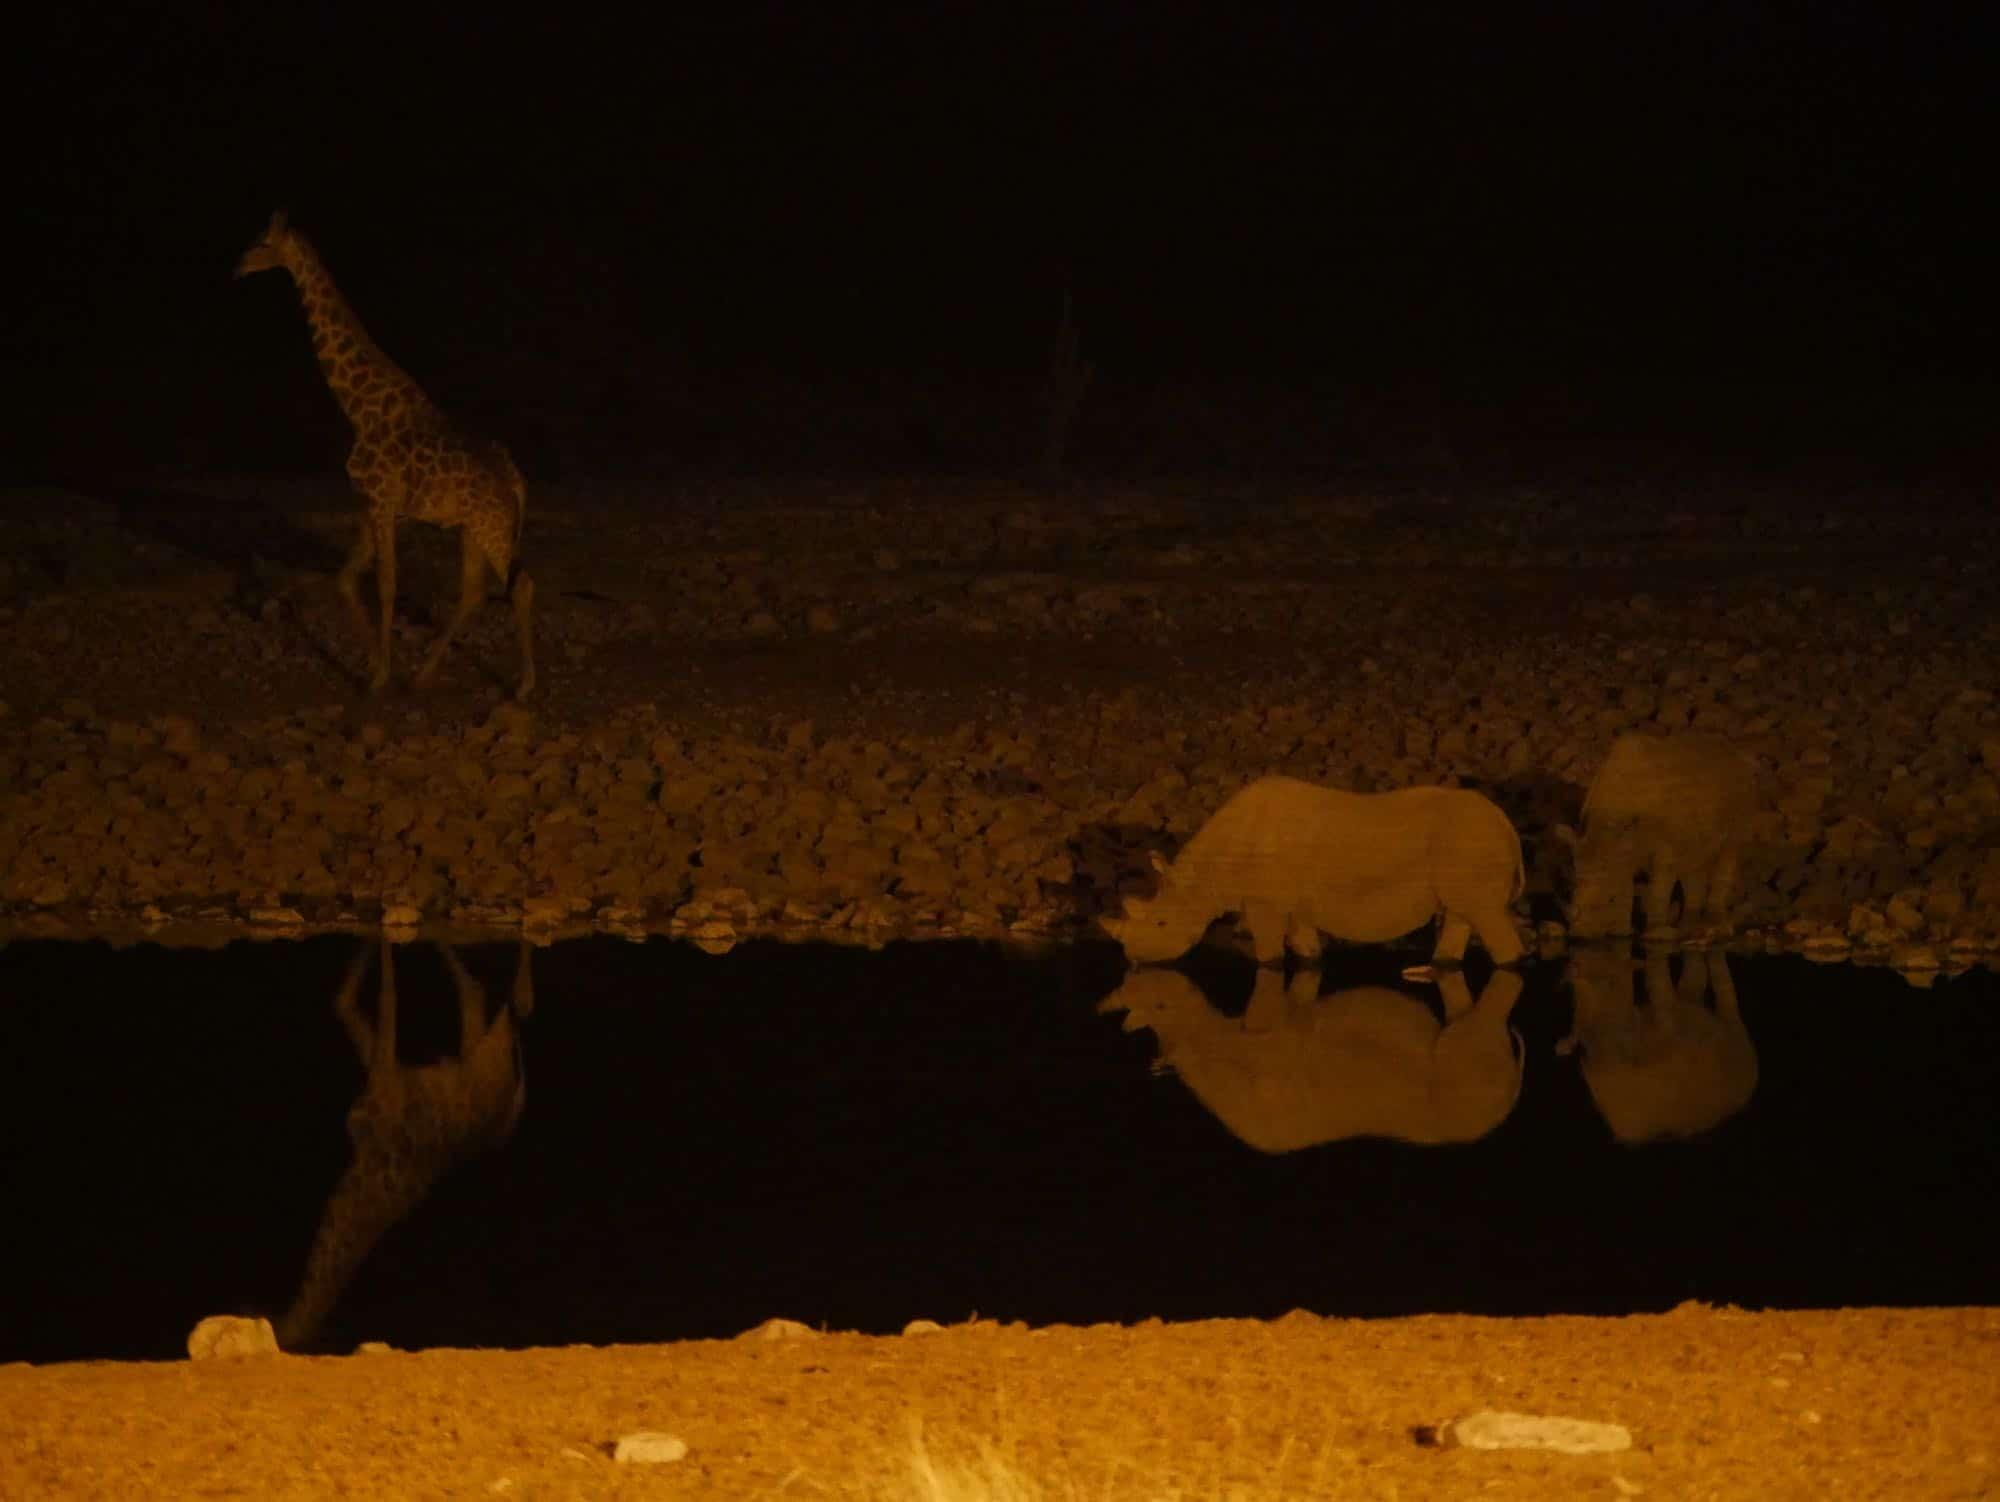 Rhinoceros et girafe de nuit à Okaukuejo Etosha